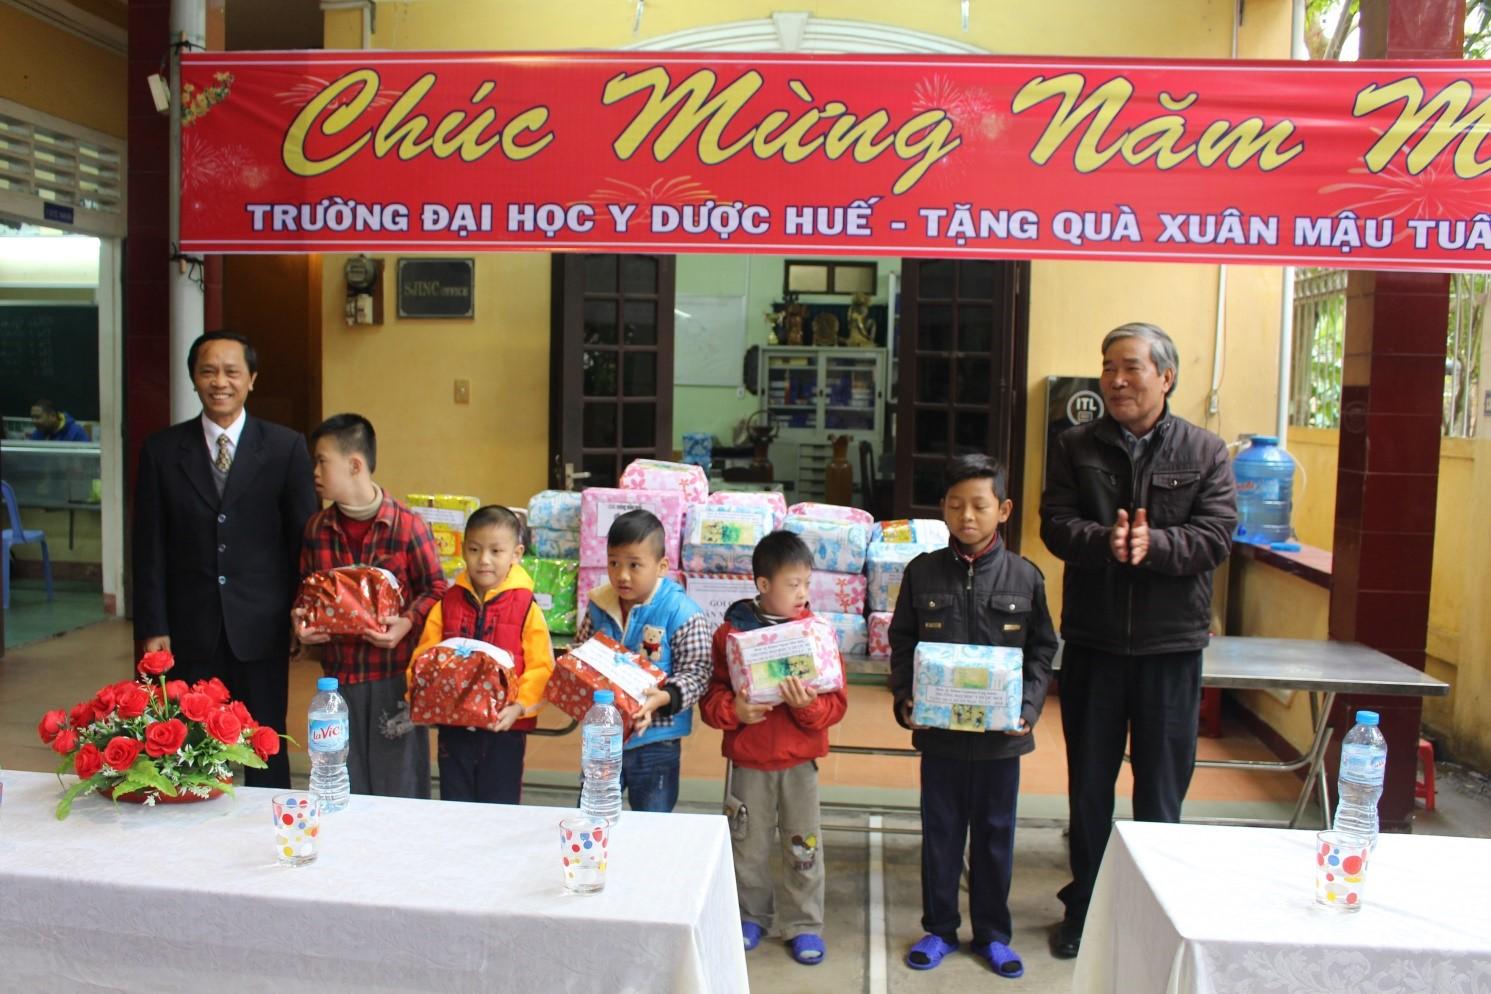 Công đoàn Trường Đại học Y Dược Huế tổ chức tặng quà xuân Mậu Tuất 2018  tại các Trung tâm nuôi dưỡng xã hội và người có công với Cách mạng